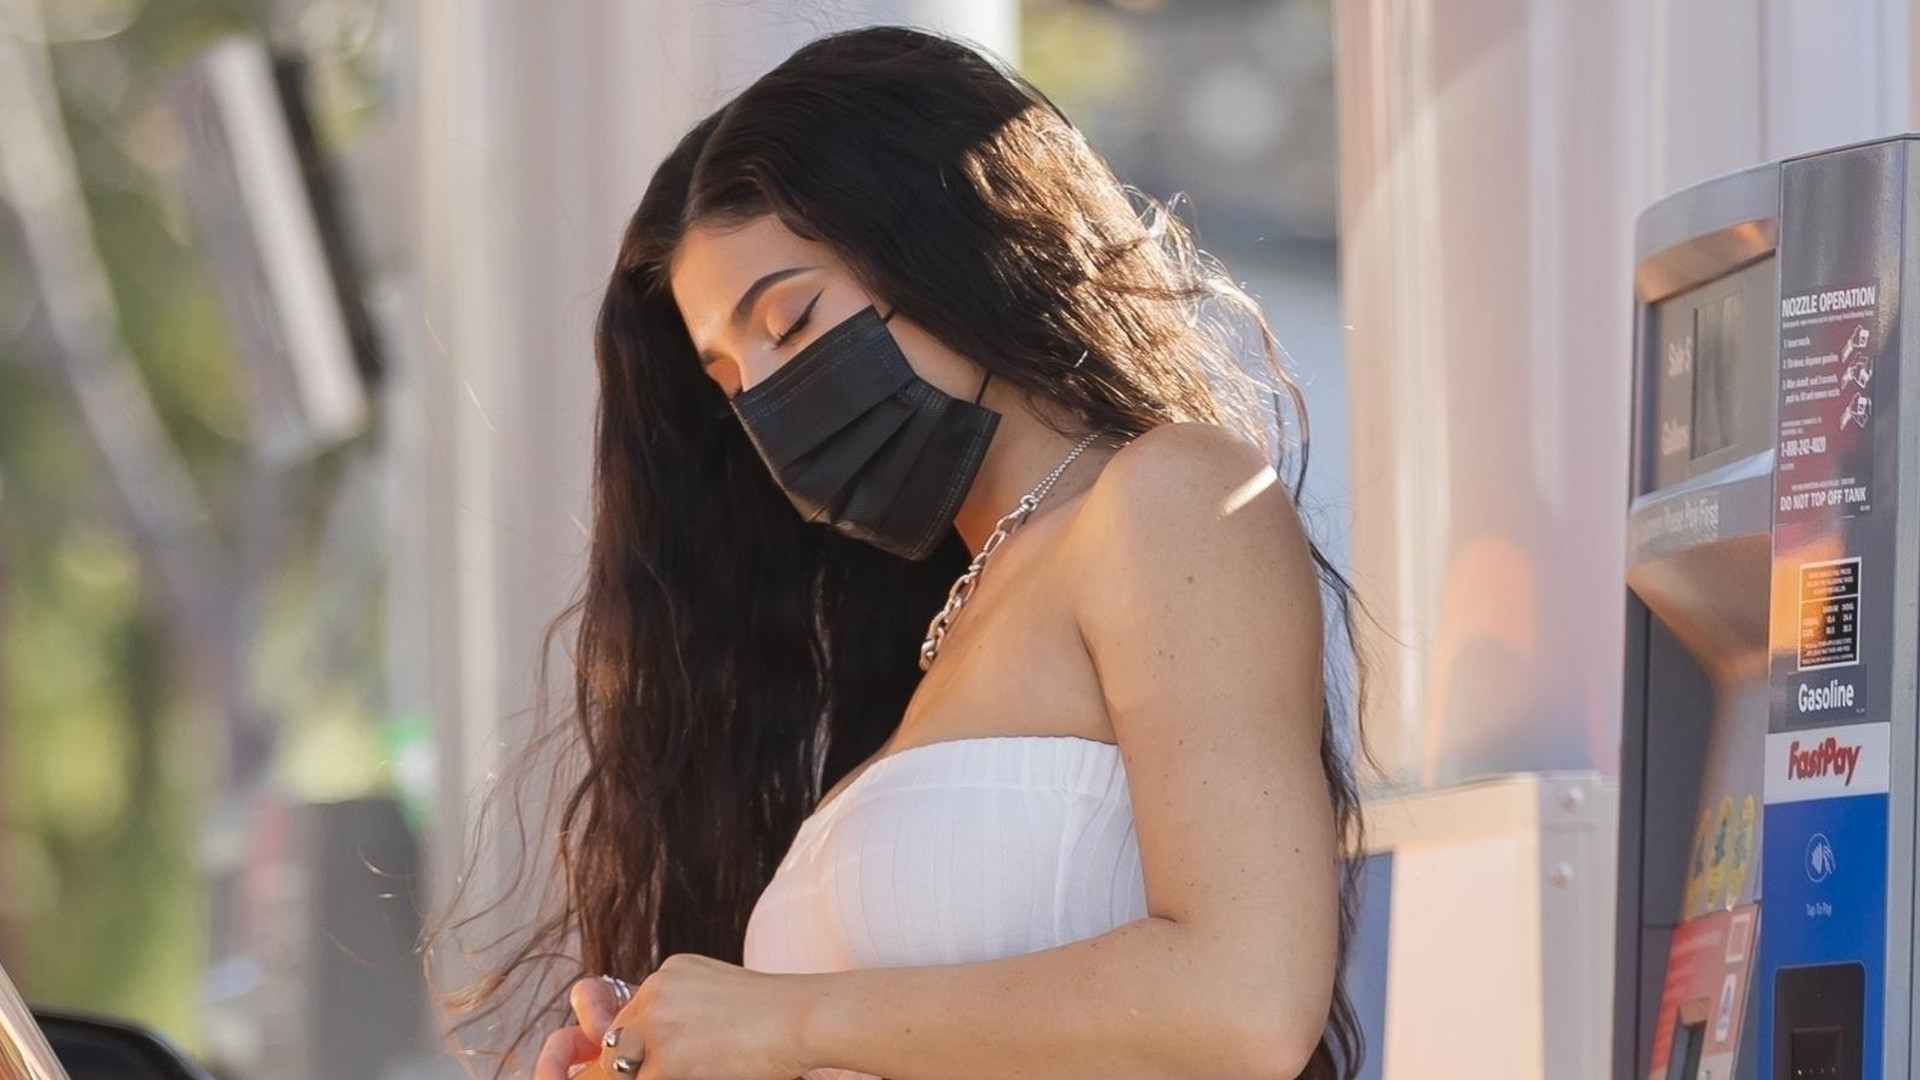 Kylie Jenner tankuje samochód. Pracownicy chyba ONIEMIELI, gdy to zobaczyli (ZDJĘCIA)